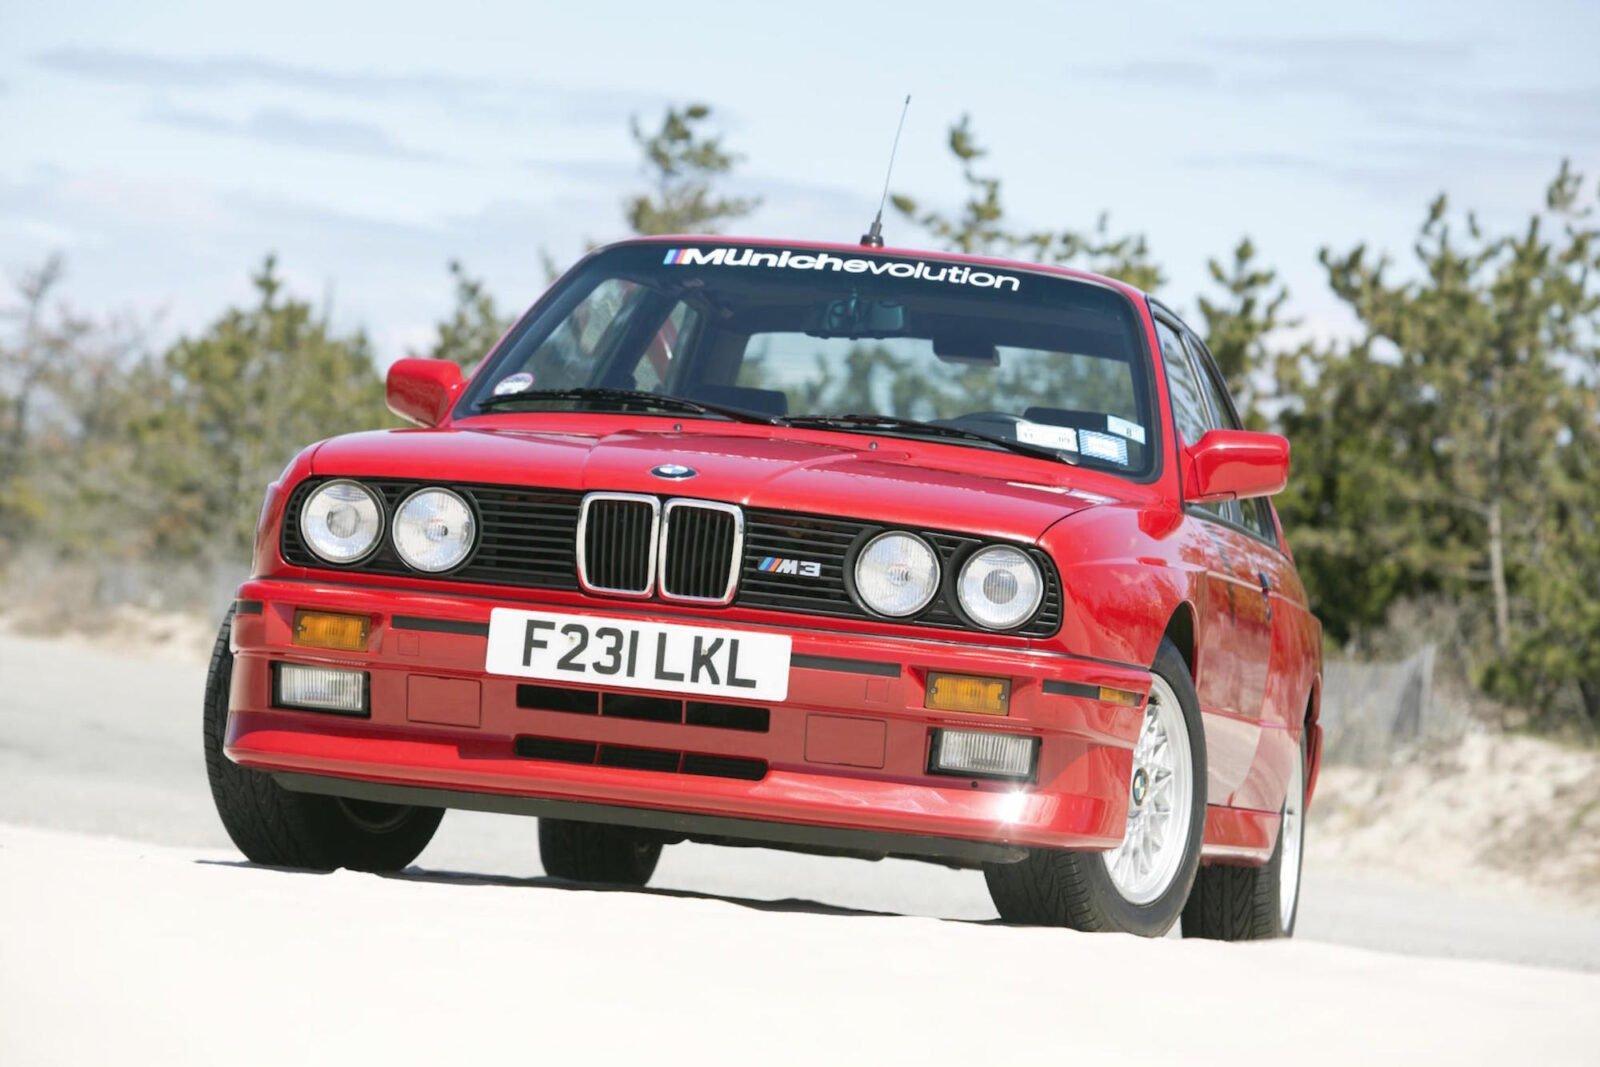 BMW M3 E30 4 1600x1067 - 1989 BMW M3